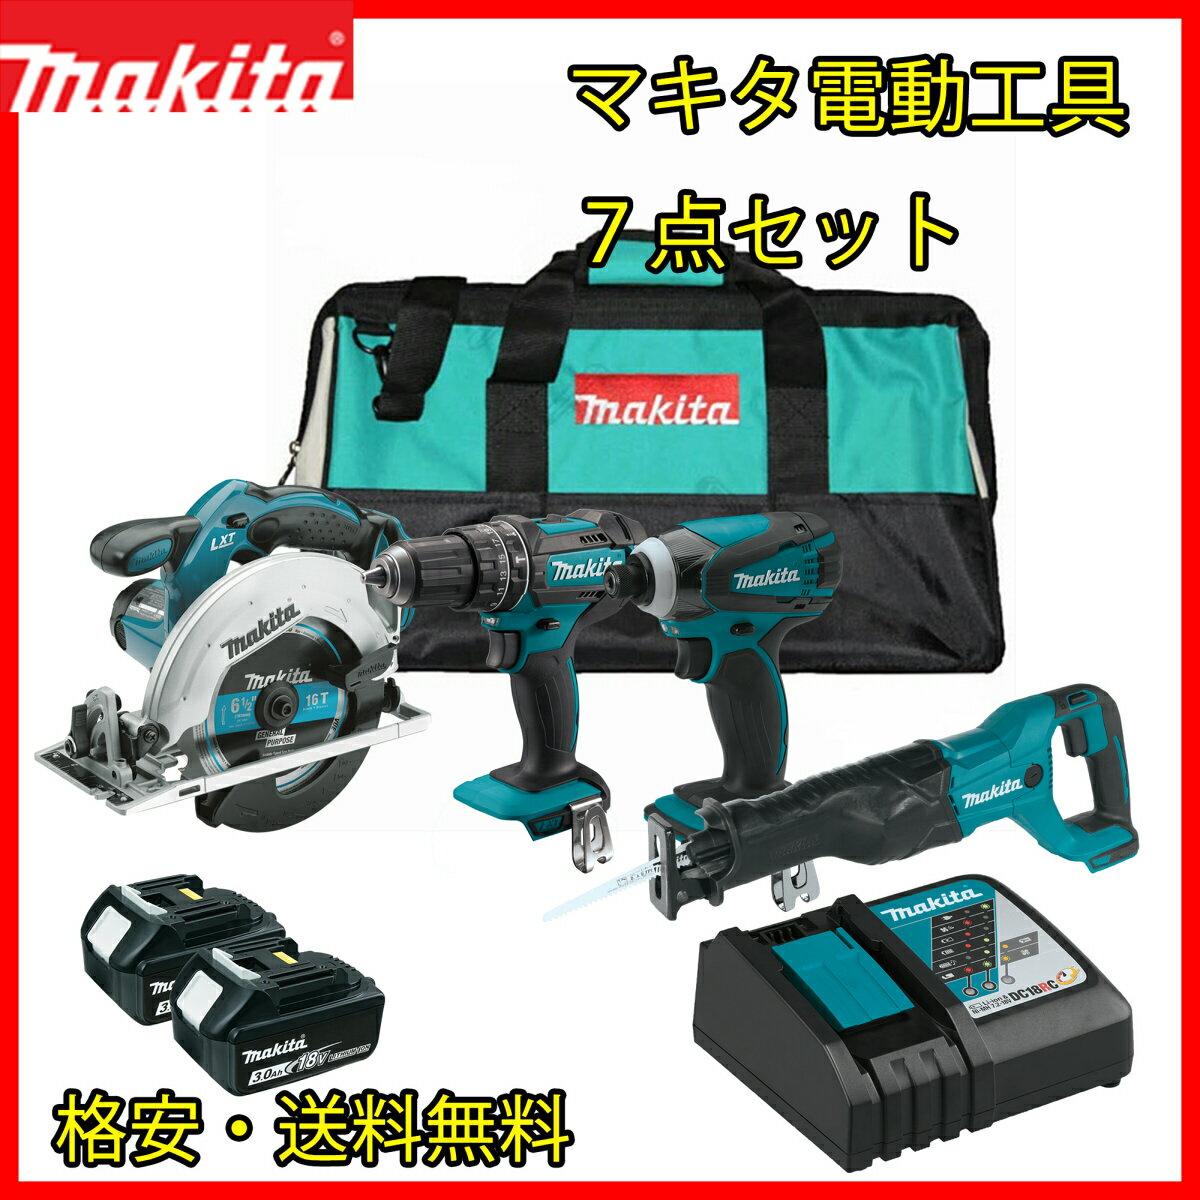 マキタ 18V インパクト ドライバー 丸のこ レシプロソー ドリルドライバー 充電器 ツールバッグ バッテリー 電動工具 7点 セット18V / makita / BL1830 BL1840 BL1850 / セーバーソー